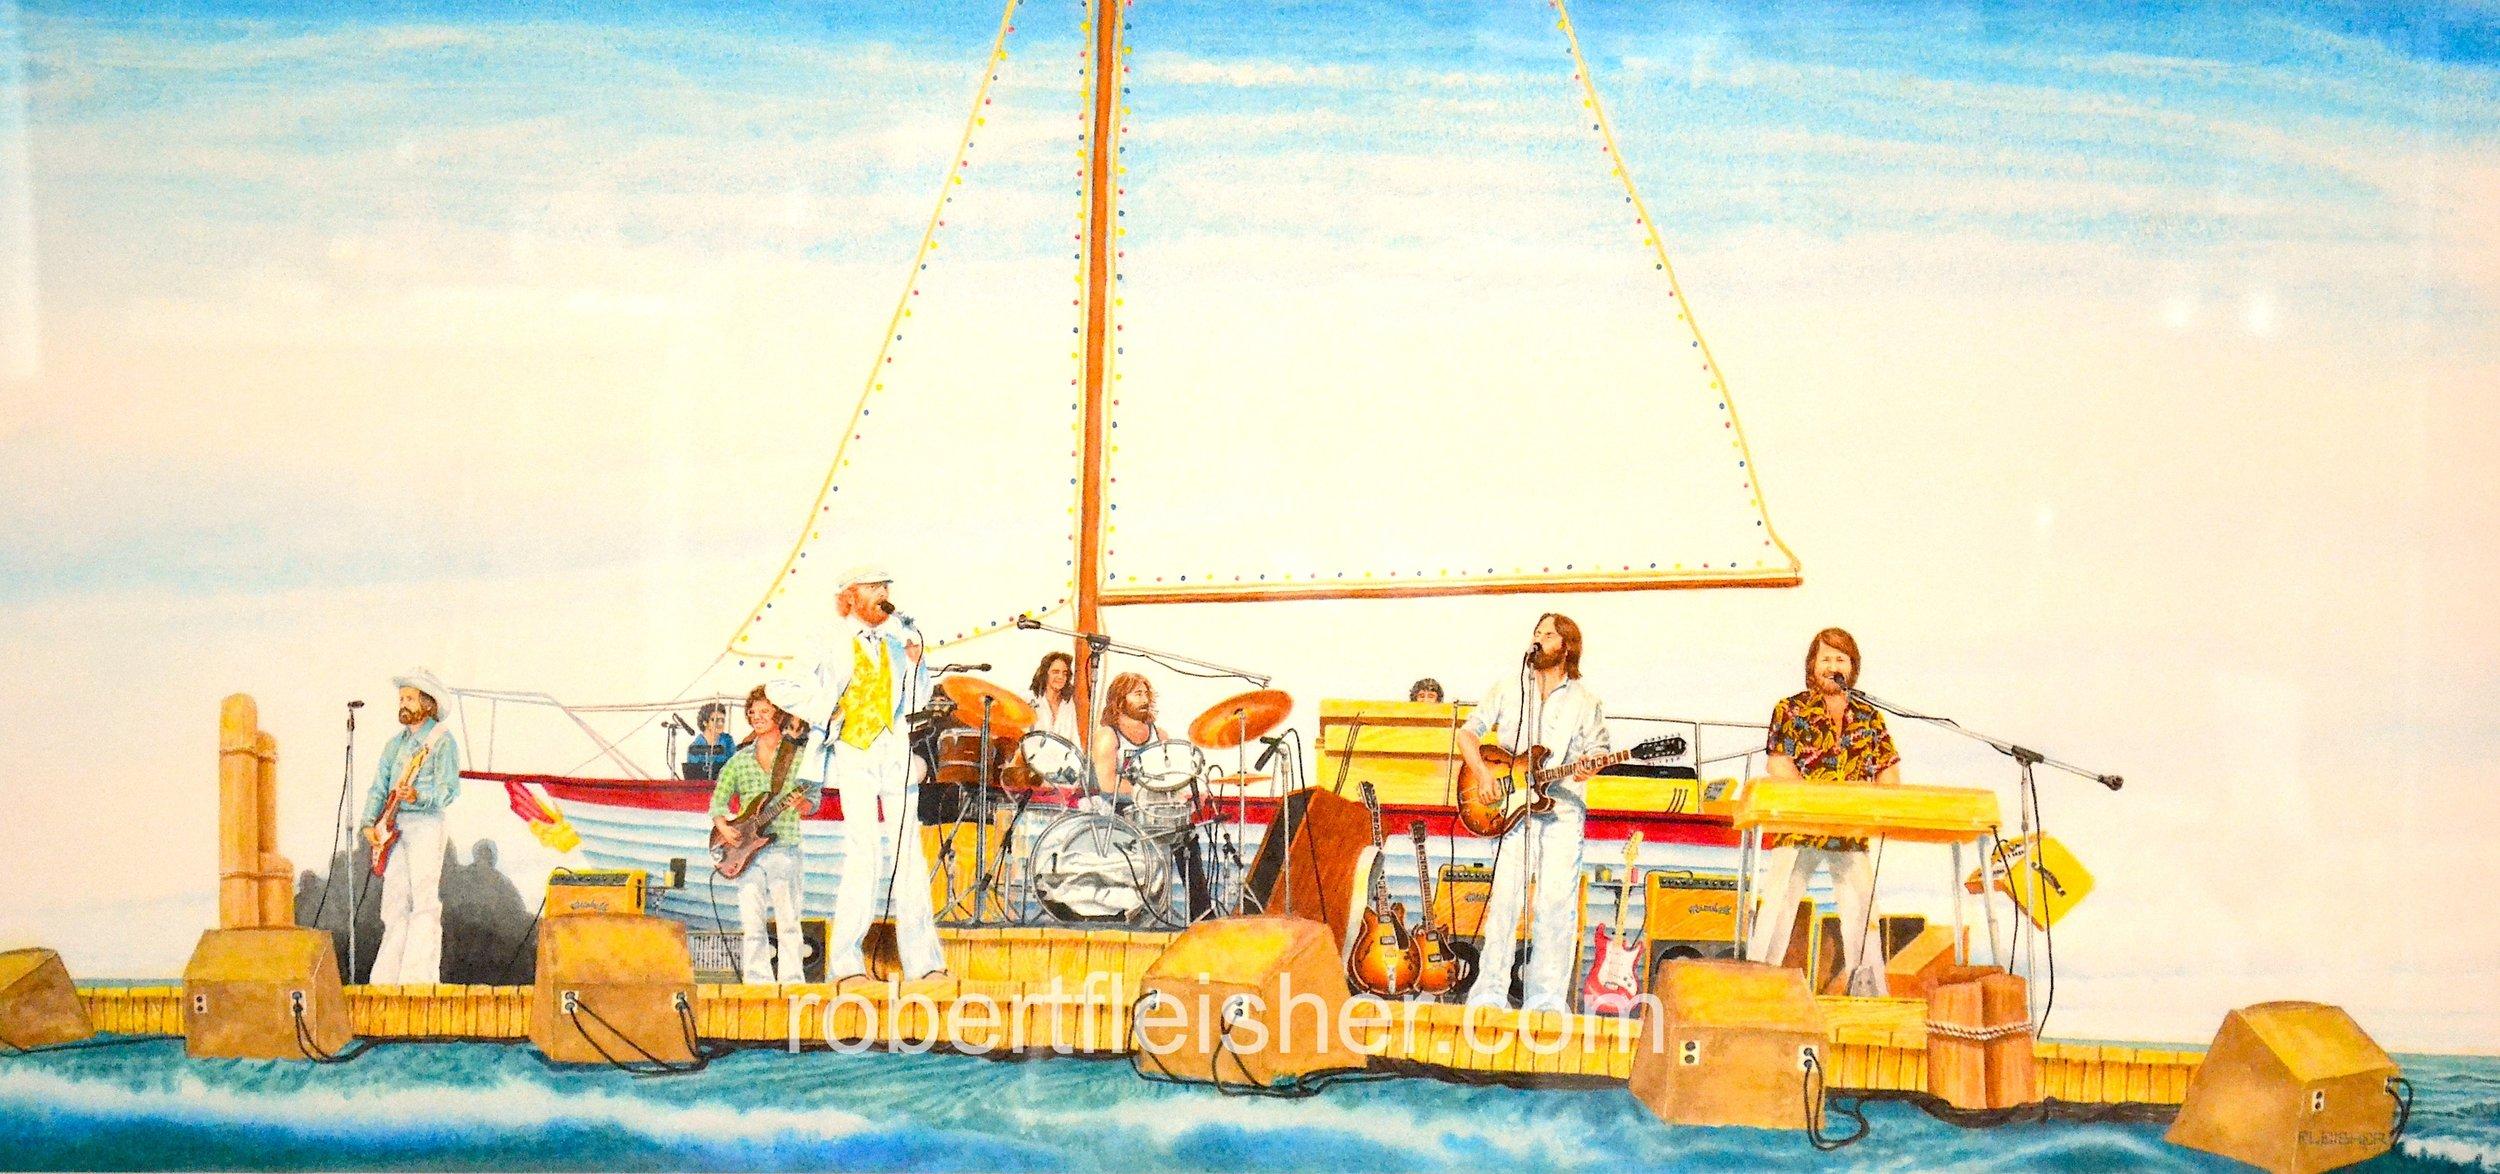 The Beach Boys    1977   30 x 13   watercolor